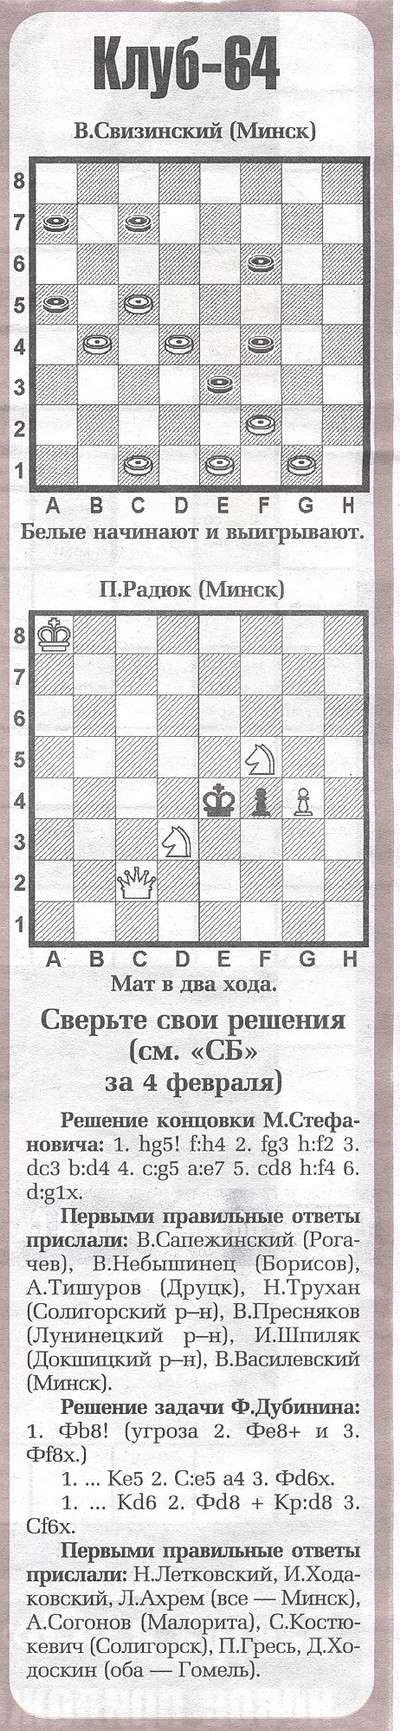 Беларусь сегодня (Минск) 11021811